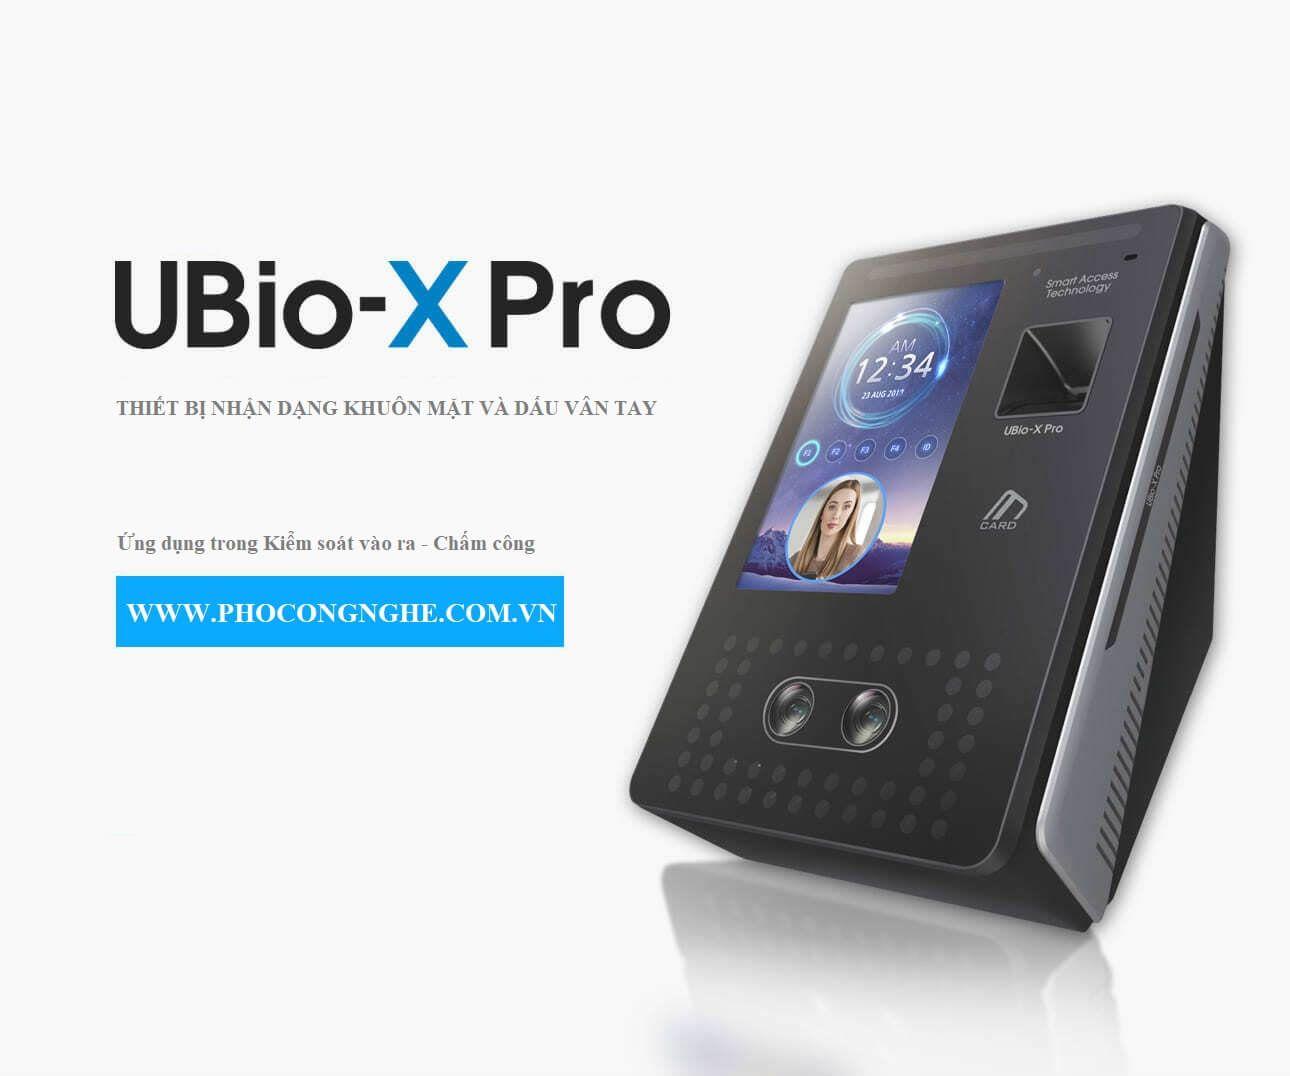 Thiết bị kiểm soát vào ra bằng vân tay và khuôn mặt Nitgen UBio-X Pro Lite